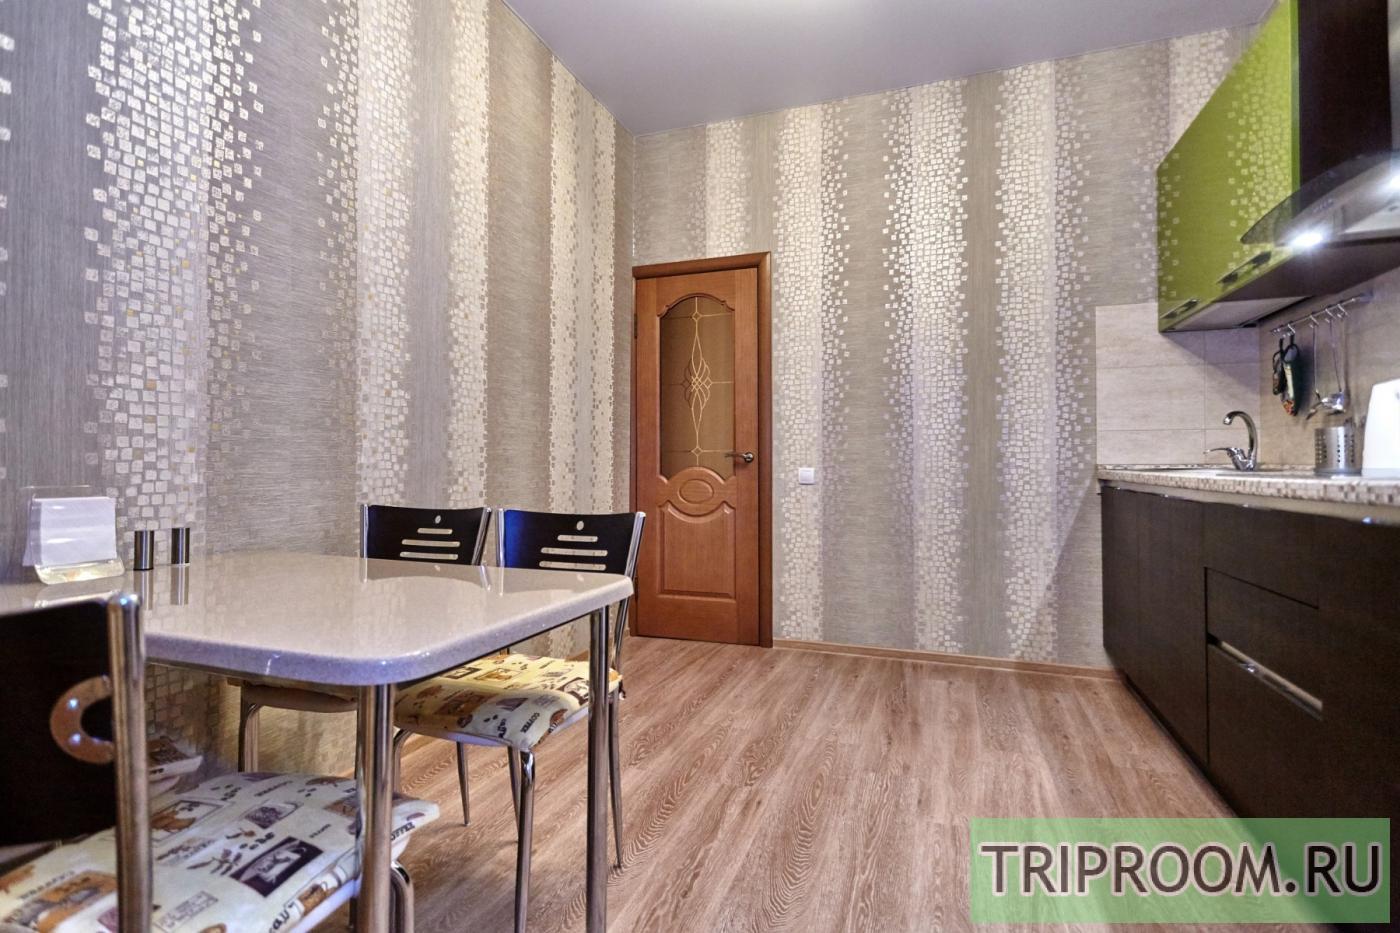 1-комнатная квартира посуточно (вариант № 6859), ул. Кореновская улица, фото № 5